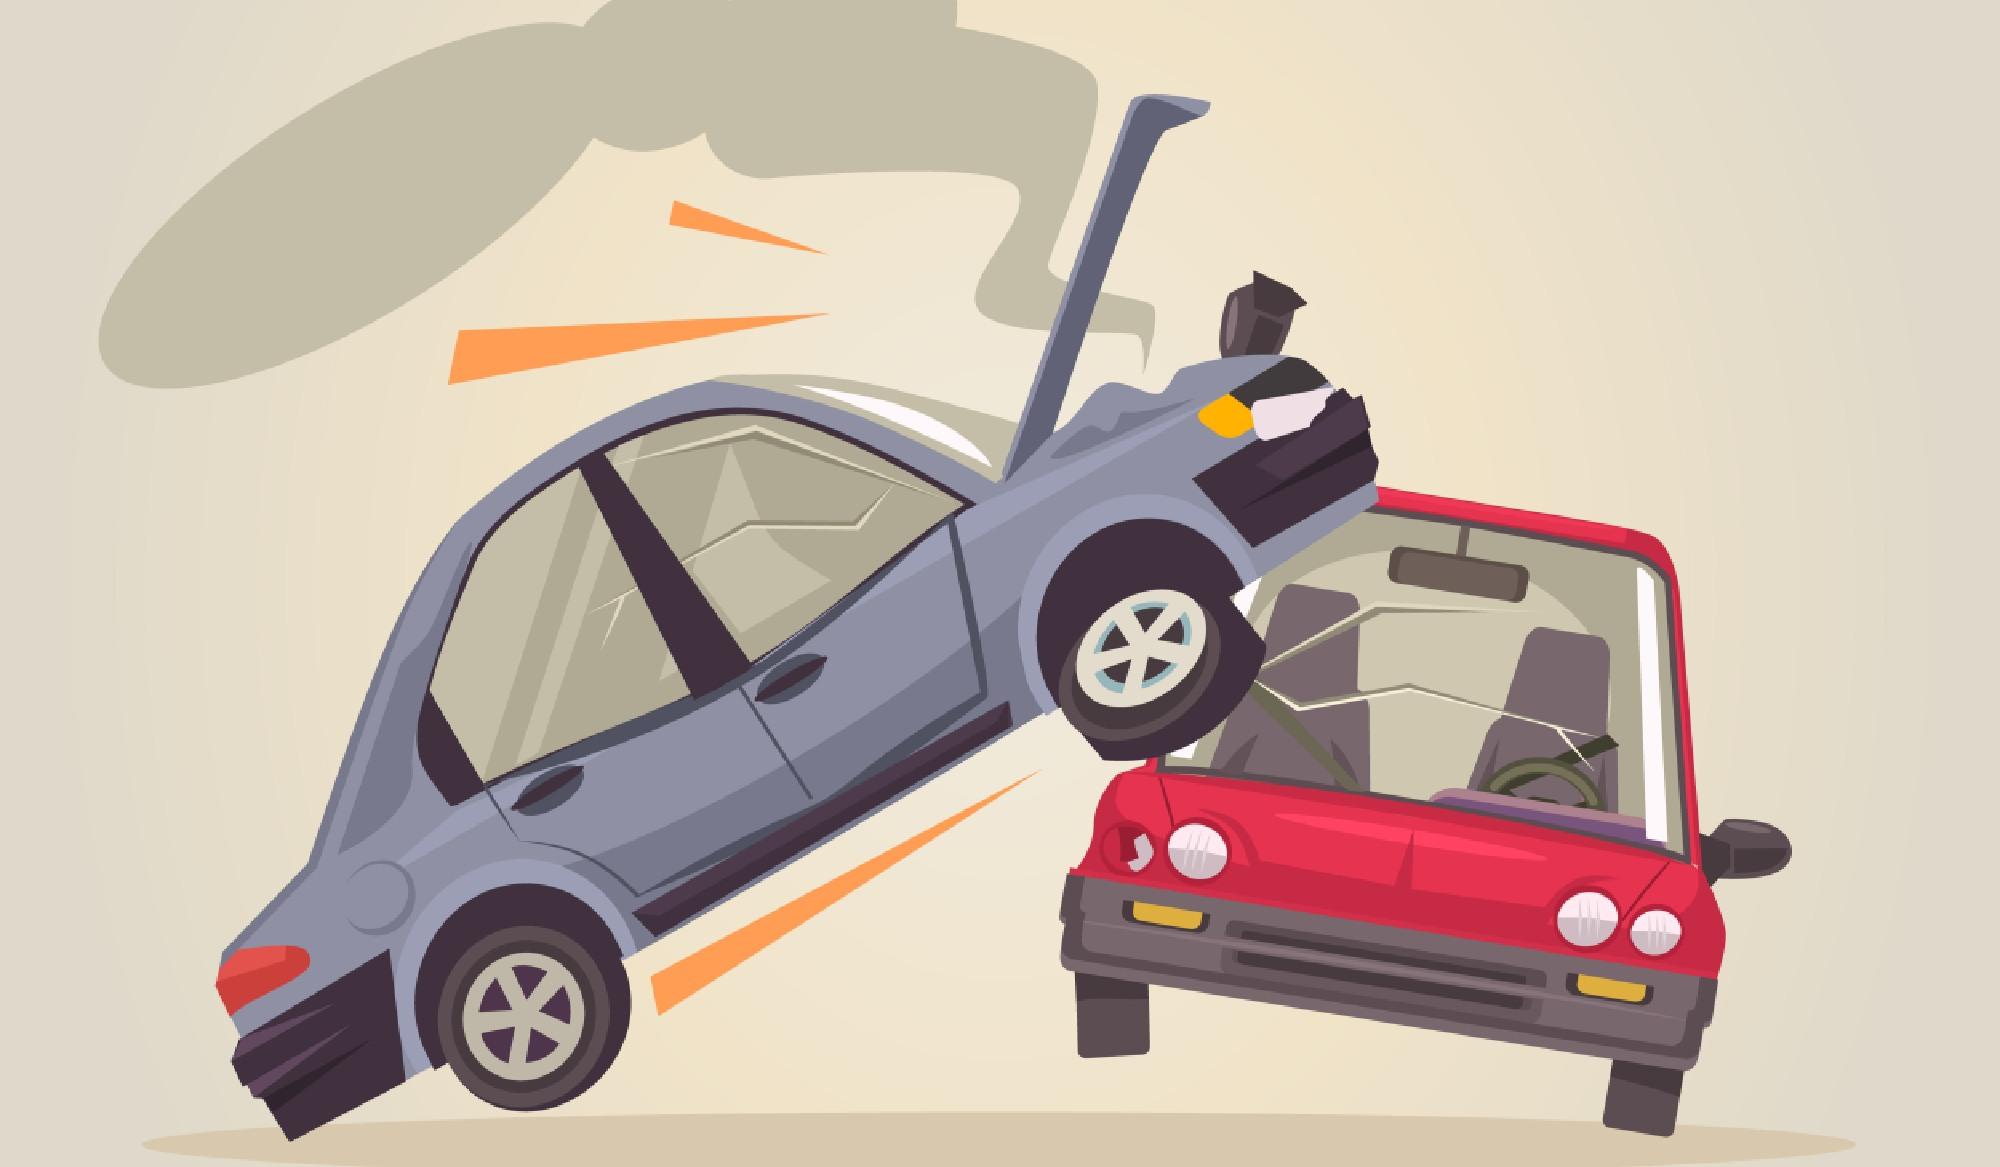 Amendes, pannes, accidents : comment gérer au mieux les incidents liés à ma flotte automobile ?